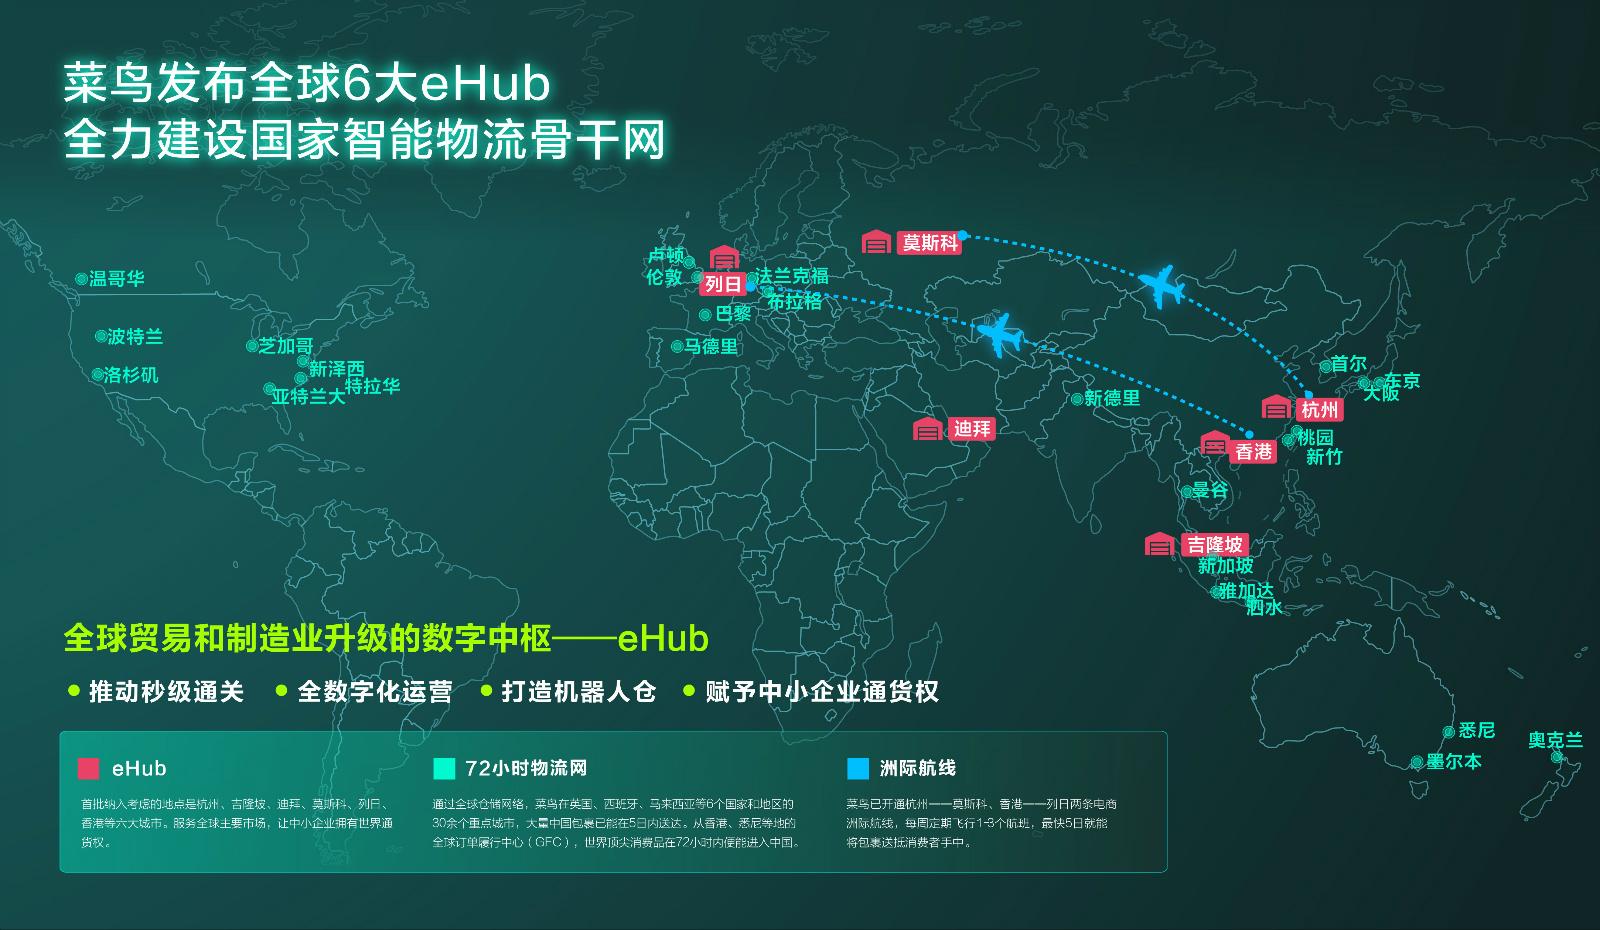 菜鸟在全球布局首批6大eHub,国家智能物流骨干网从驱动中国到驱动世界。_meitu_14